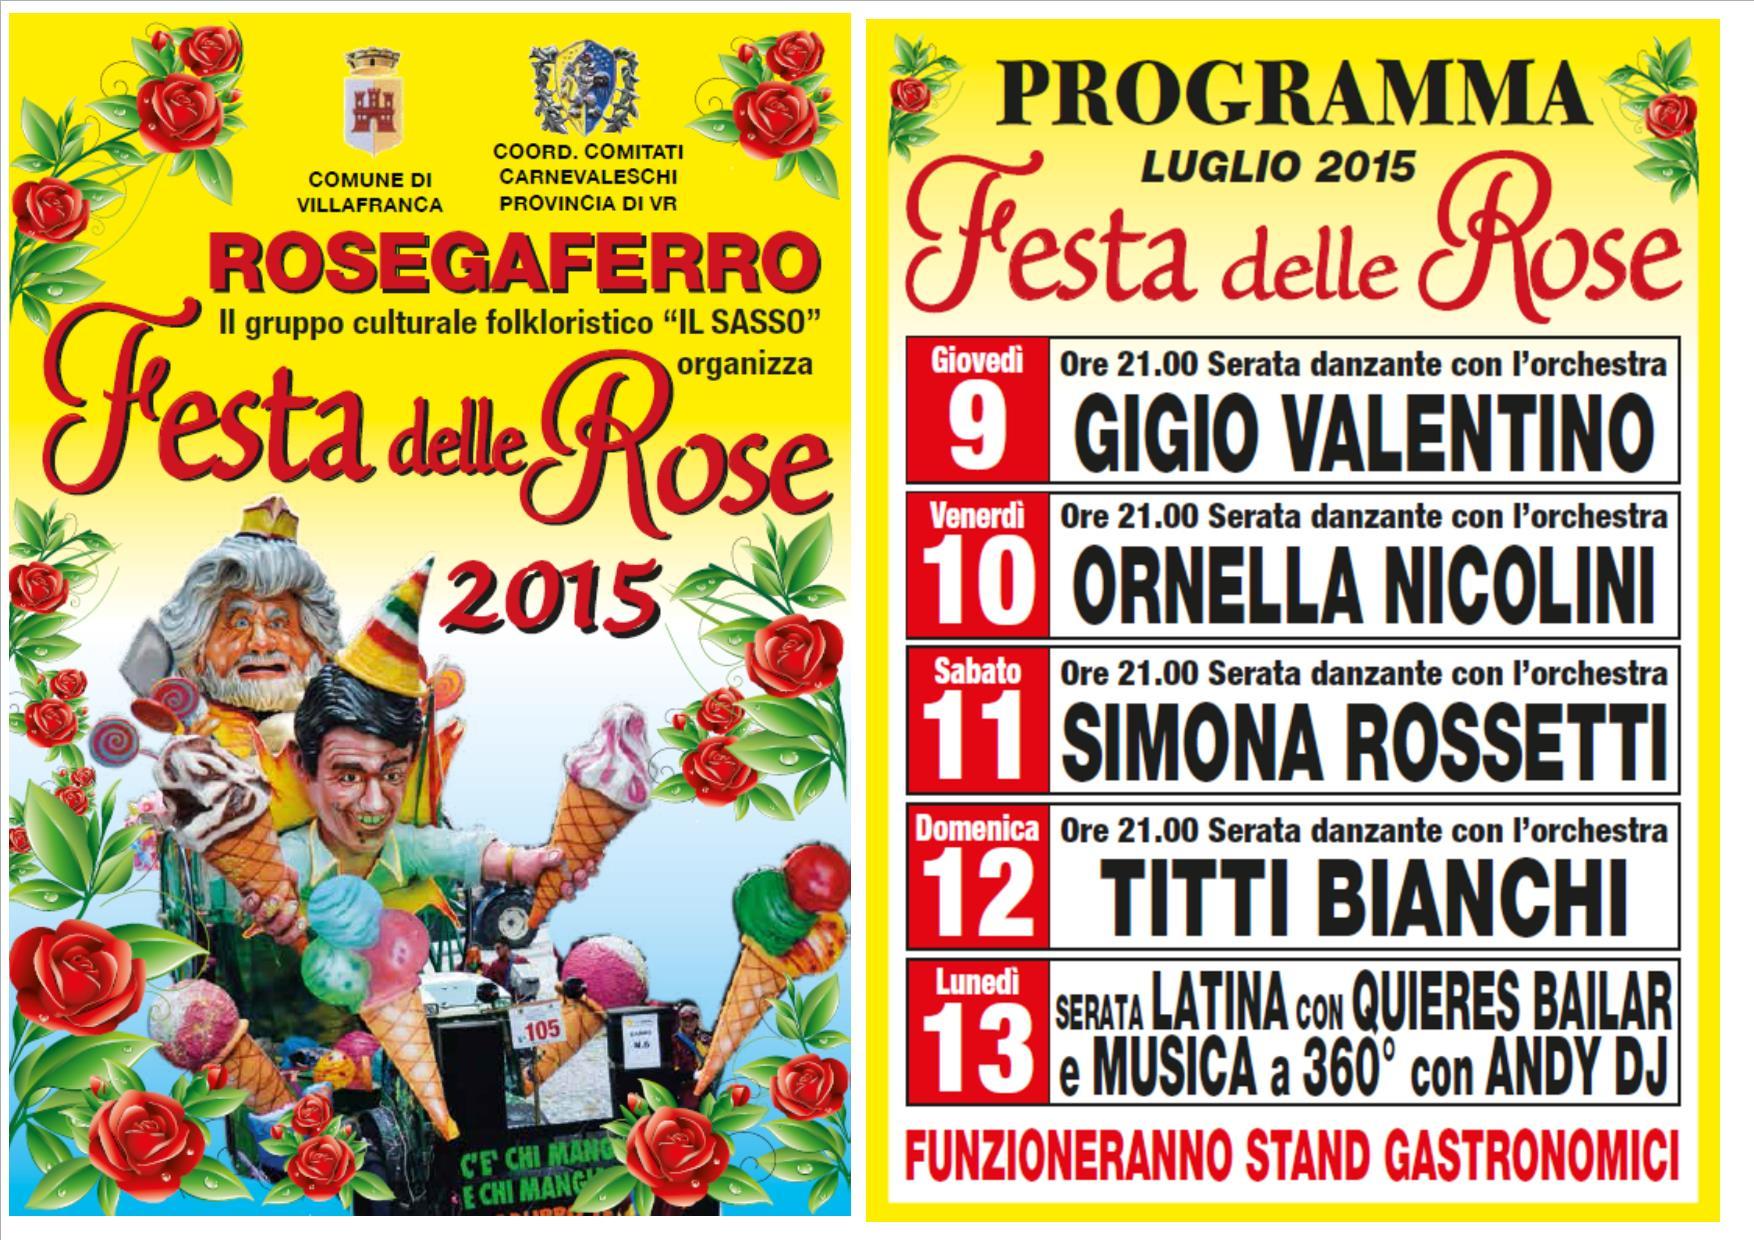 Titti Bianchi Calendario.Festa Delle Rose